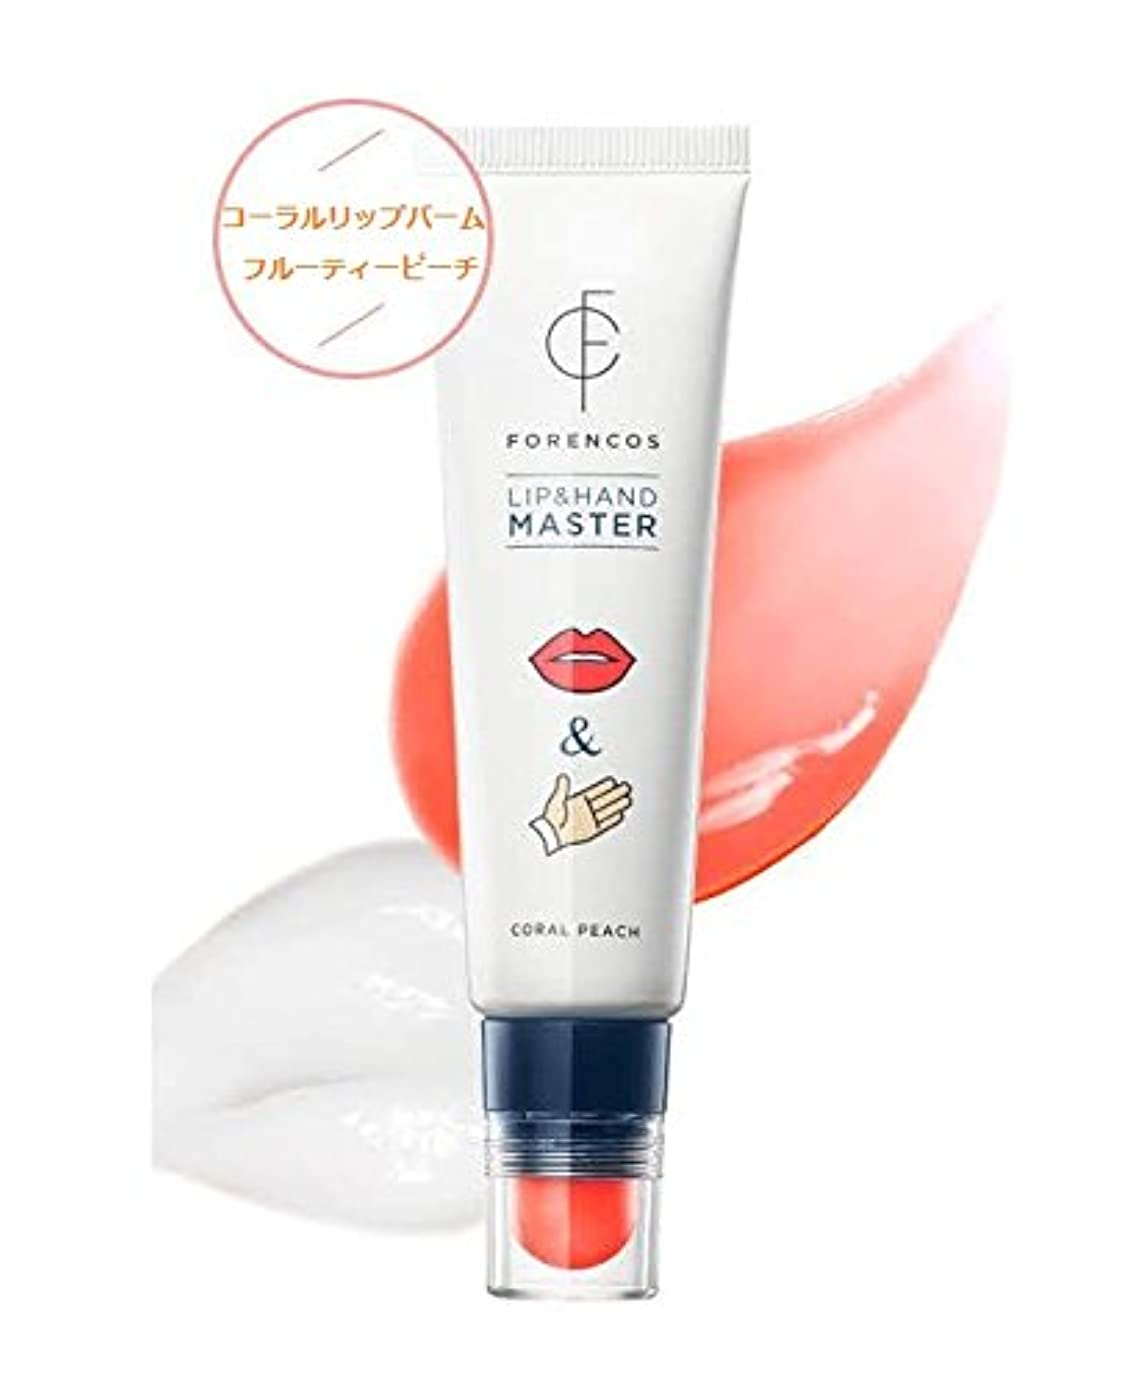 みディレクターダウンタウンFORENCOS Lip&Hand Master (CORAL PEACH) / フォレンコス リップ&ハンドマスター (ハンドクリーム リップバーム) [並行輸入品]